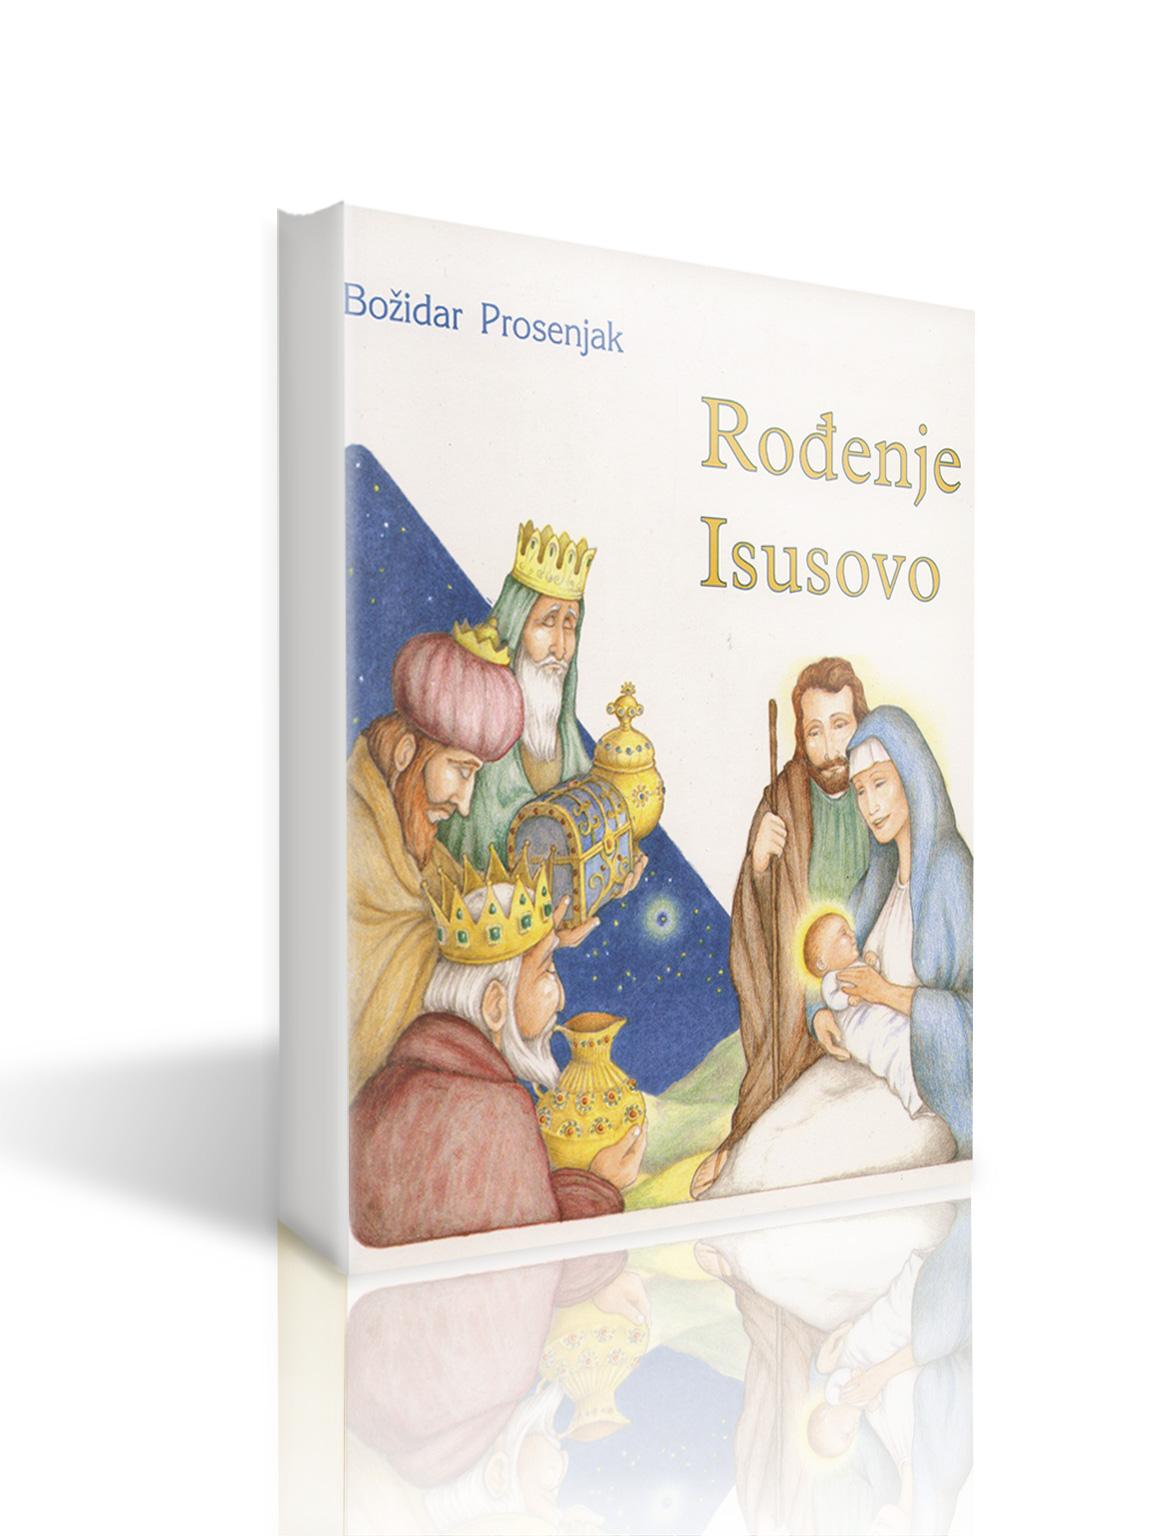 ROĐENJE ISUSOVO - Božidar Prosenjak